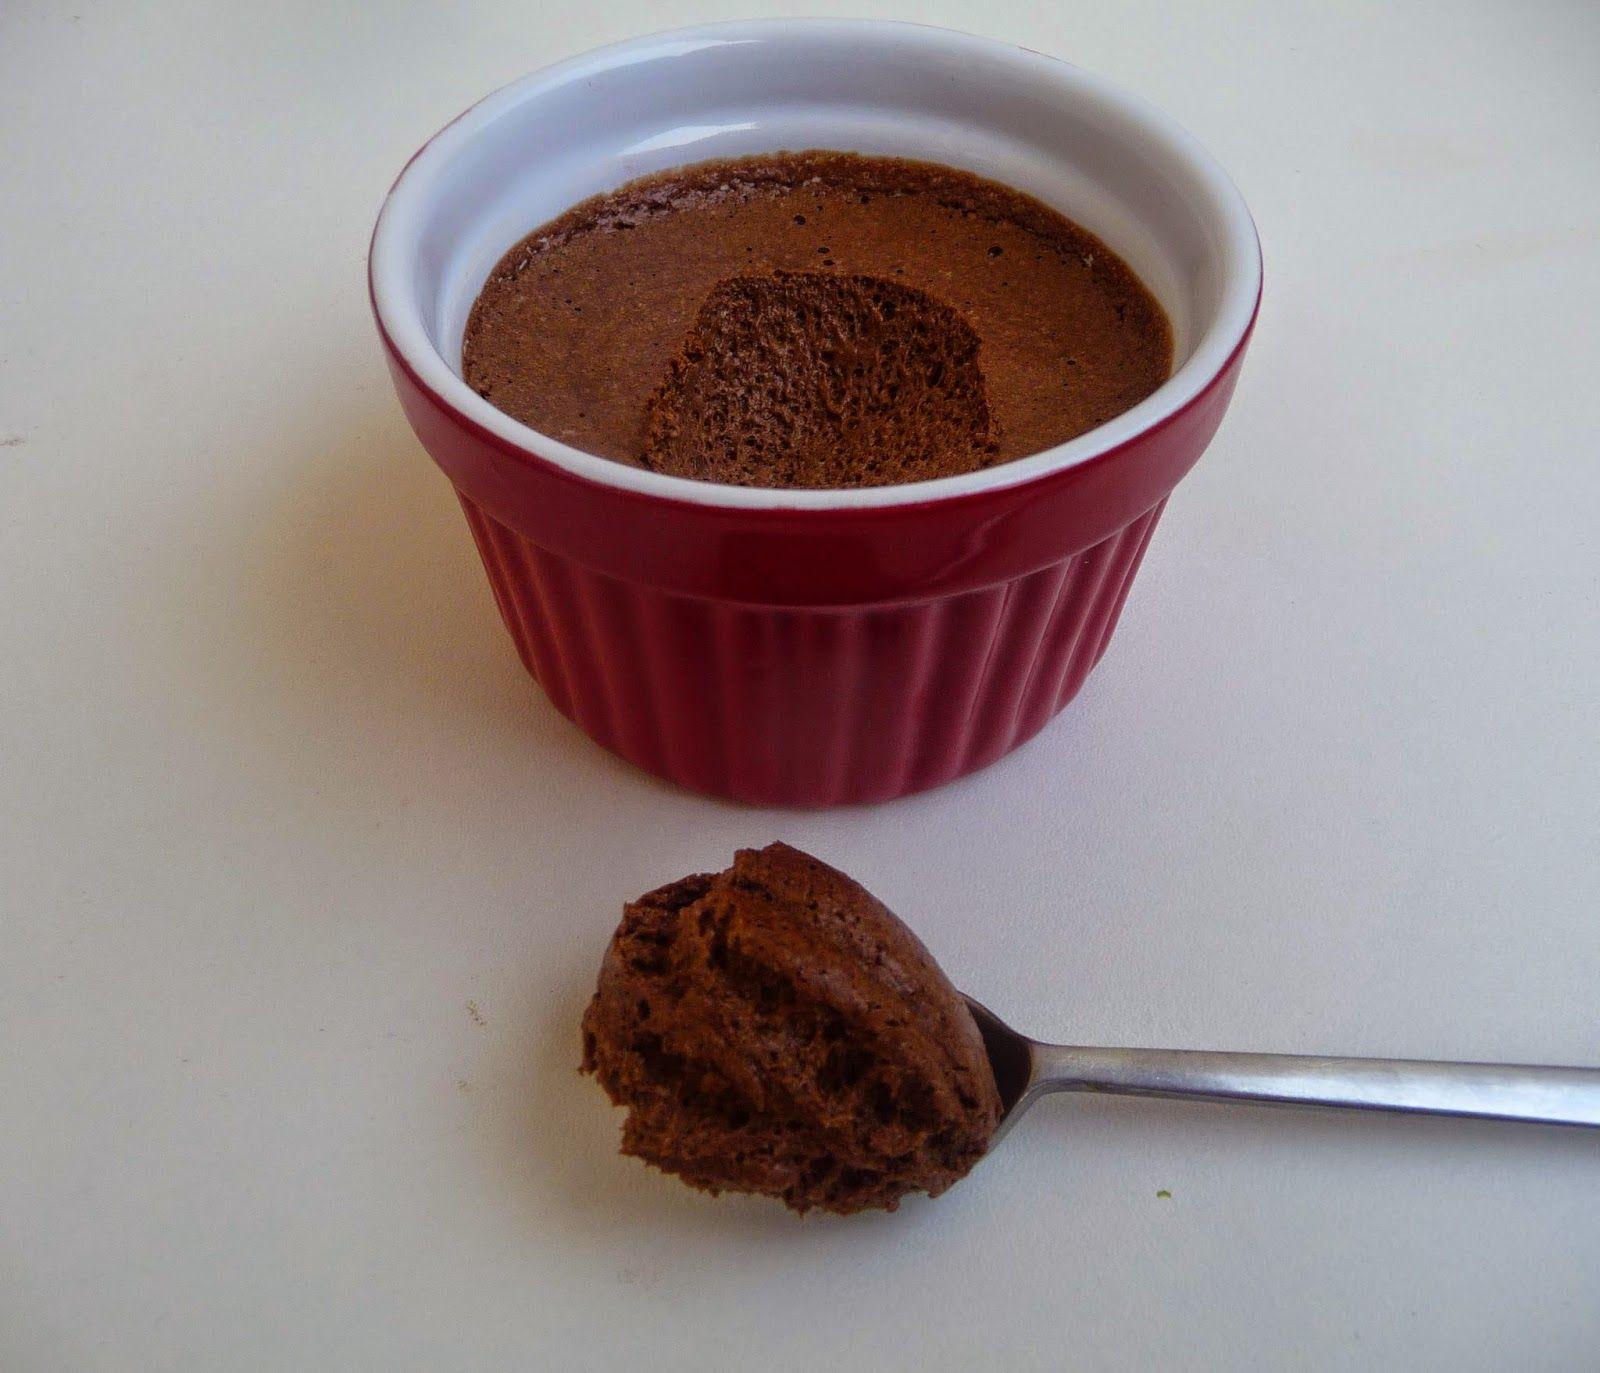 Mousse noix de coco chocolat